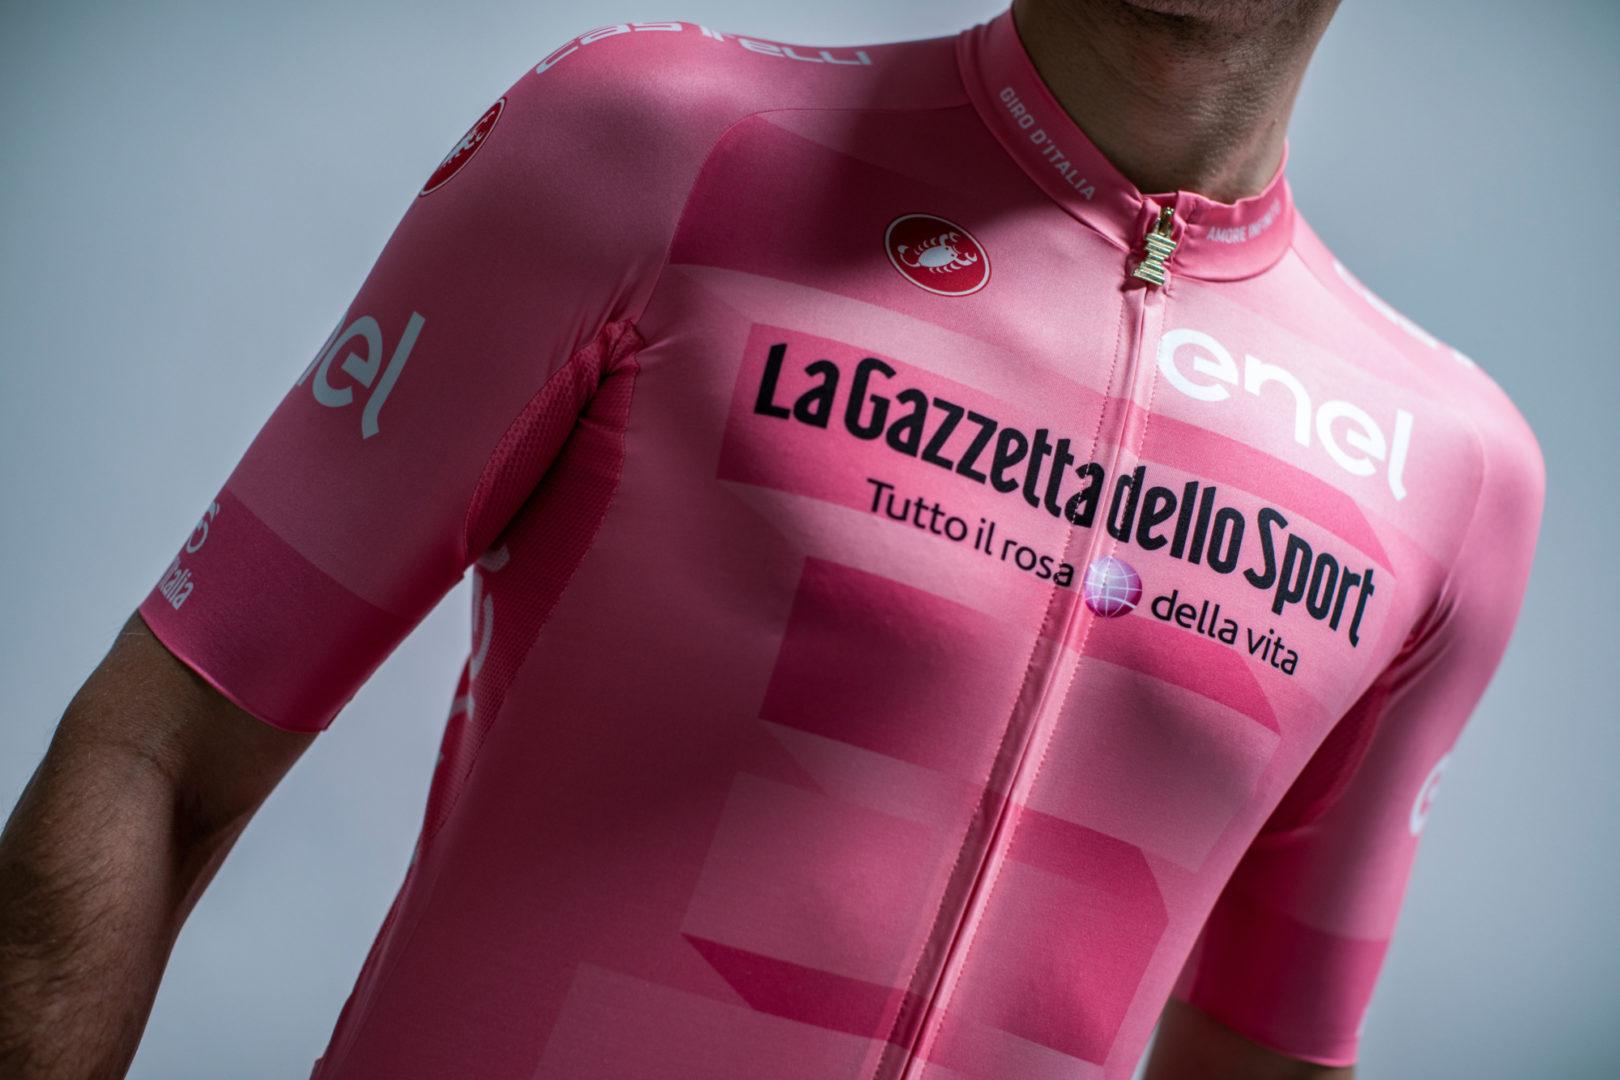 Maillot rosa del Giro de Italia 2019.